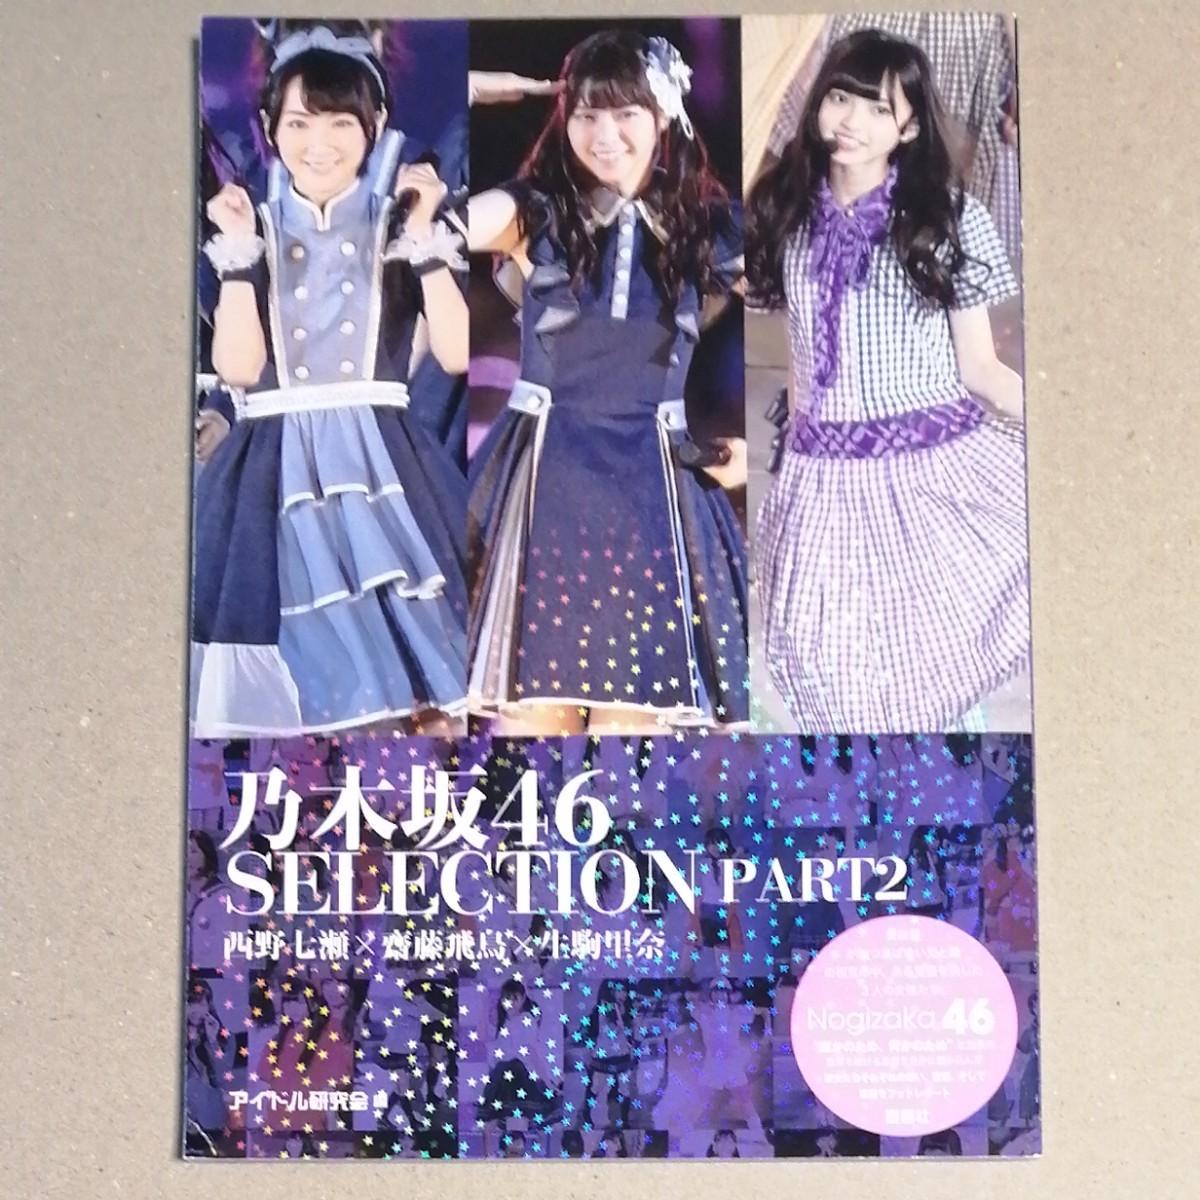 乃木坂46 SELECTION Part2 西野七瀬 齋藤飛鳥 生駒里奈 写真集